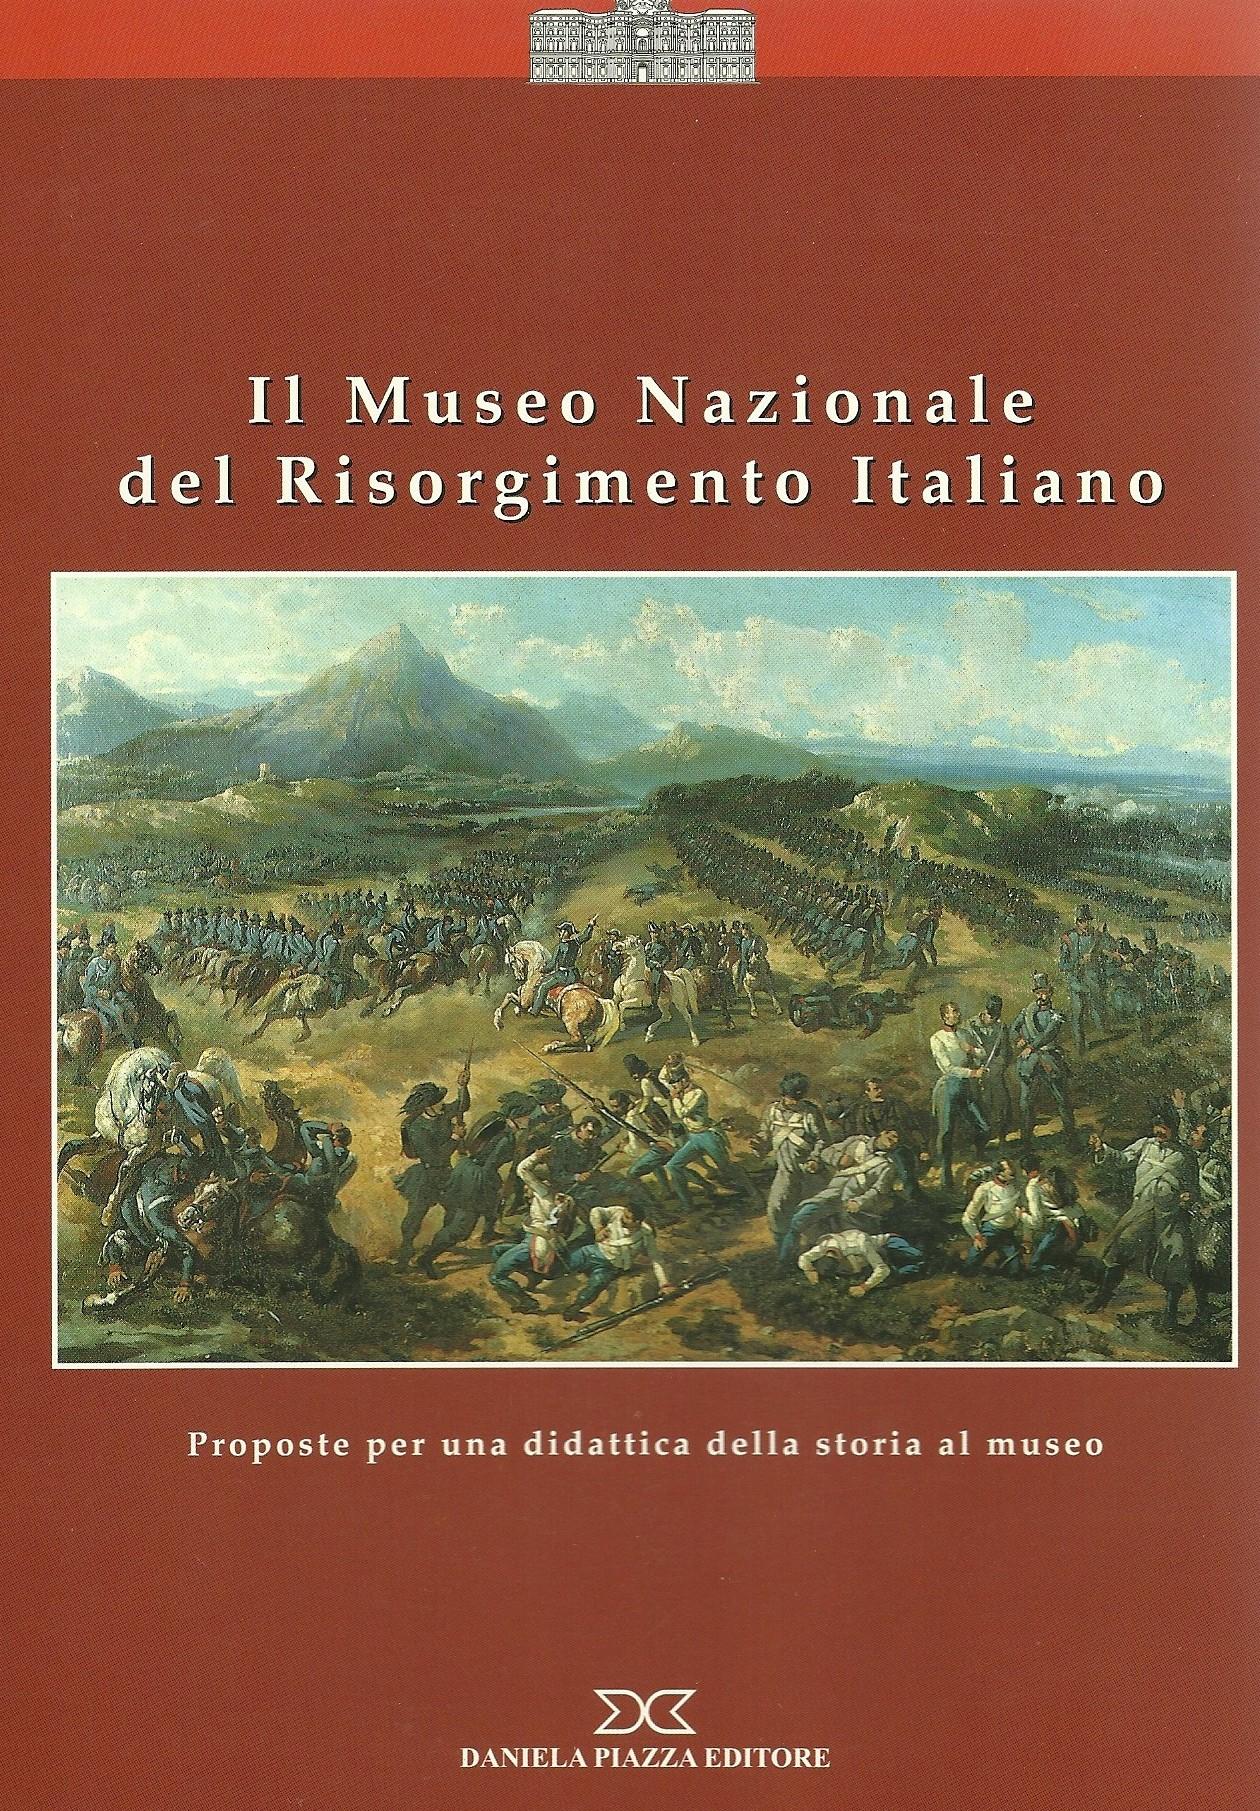 Il museo nazionale del Risorgimento italiano